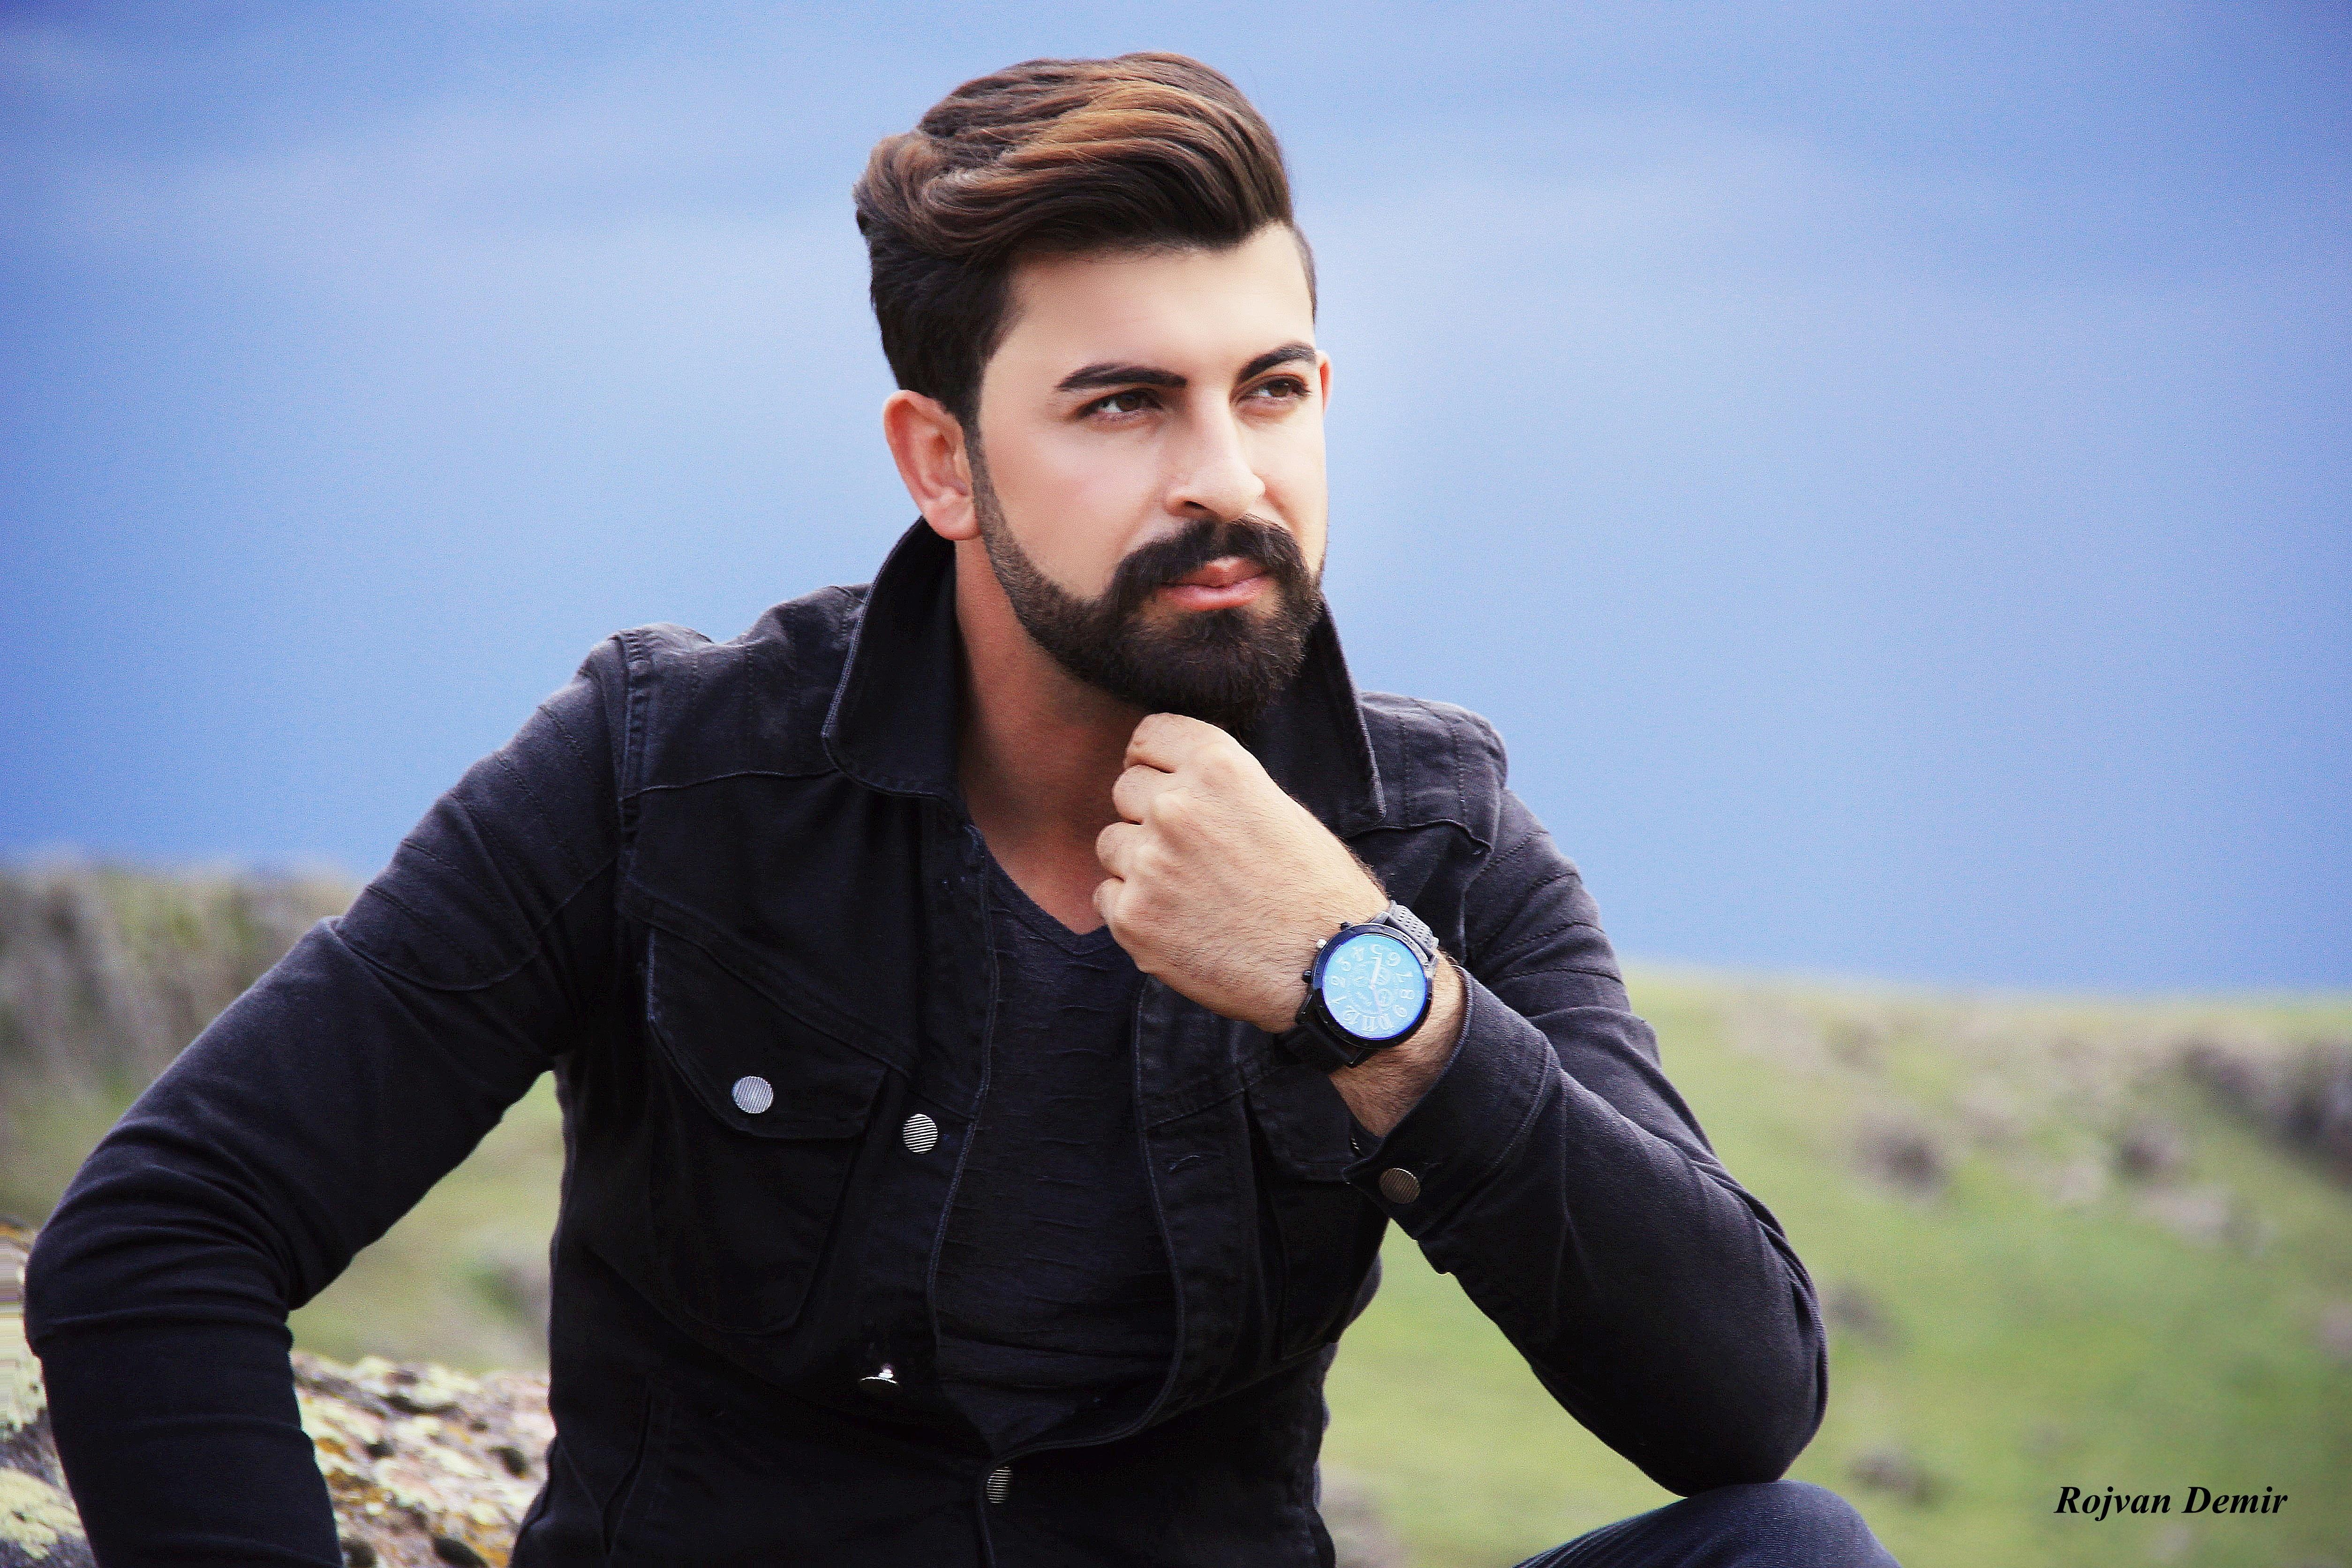 rojvandemir,yakisili erkekler ,turkiyenin en yakisikli erkekleri,patnos yakisiklisi,ercis 1